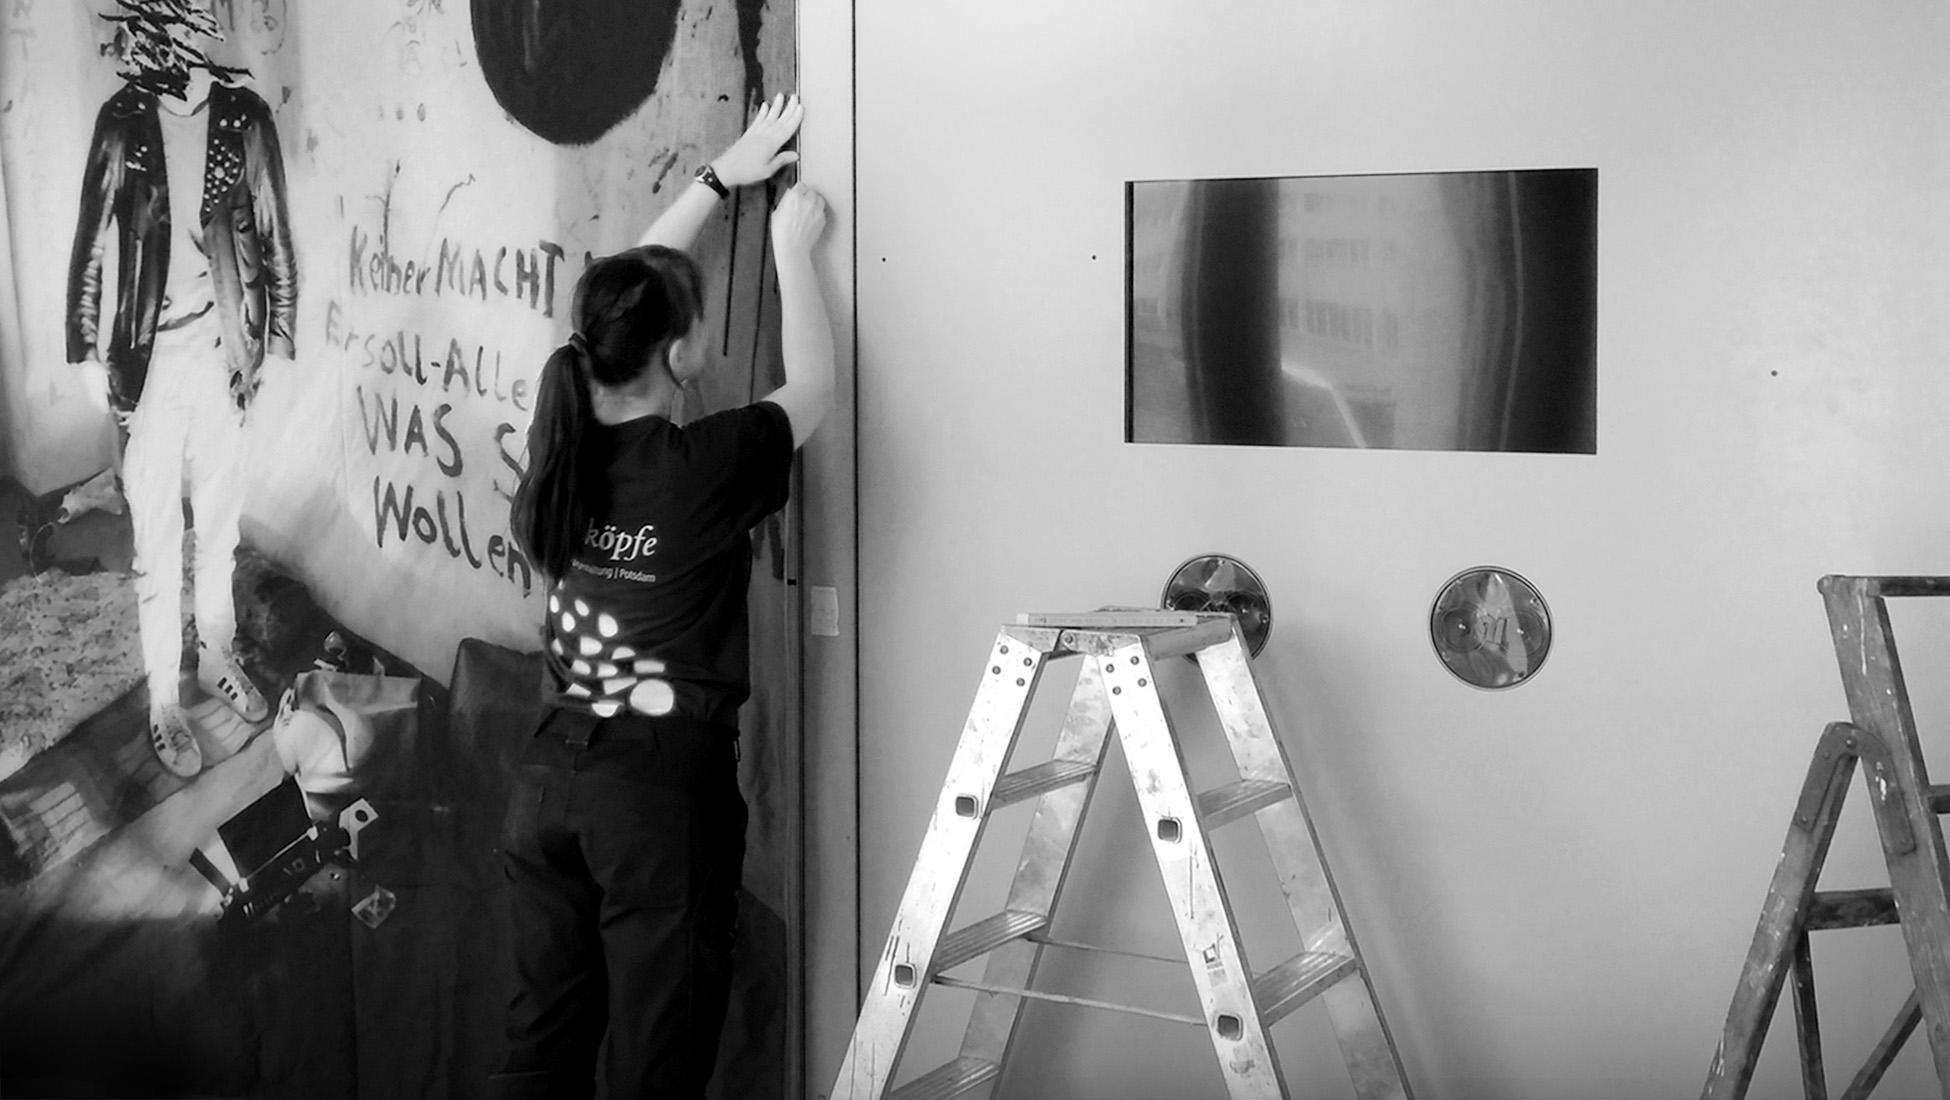 kreativköpfe Raum- und Ausstellungsgestaltung